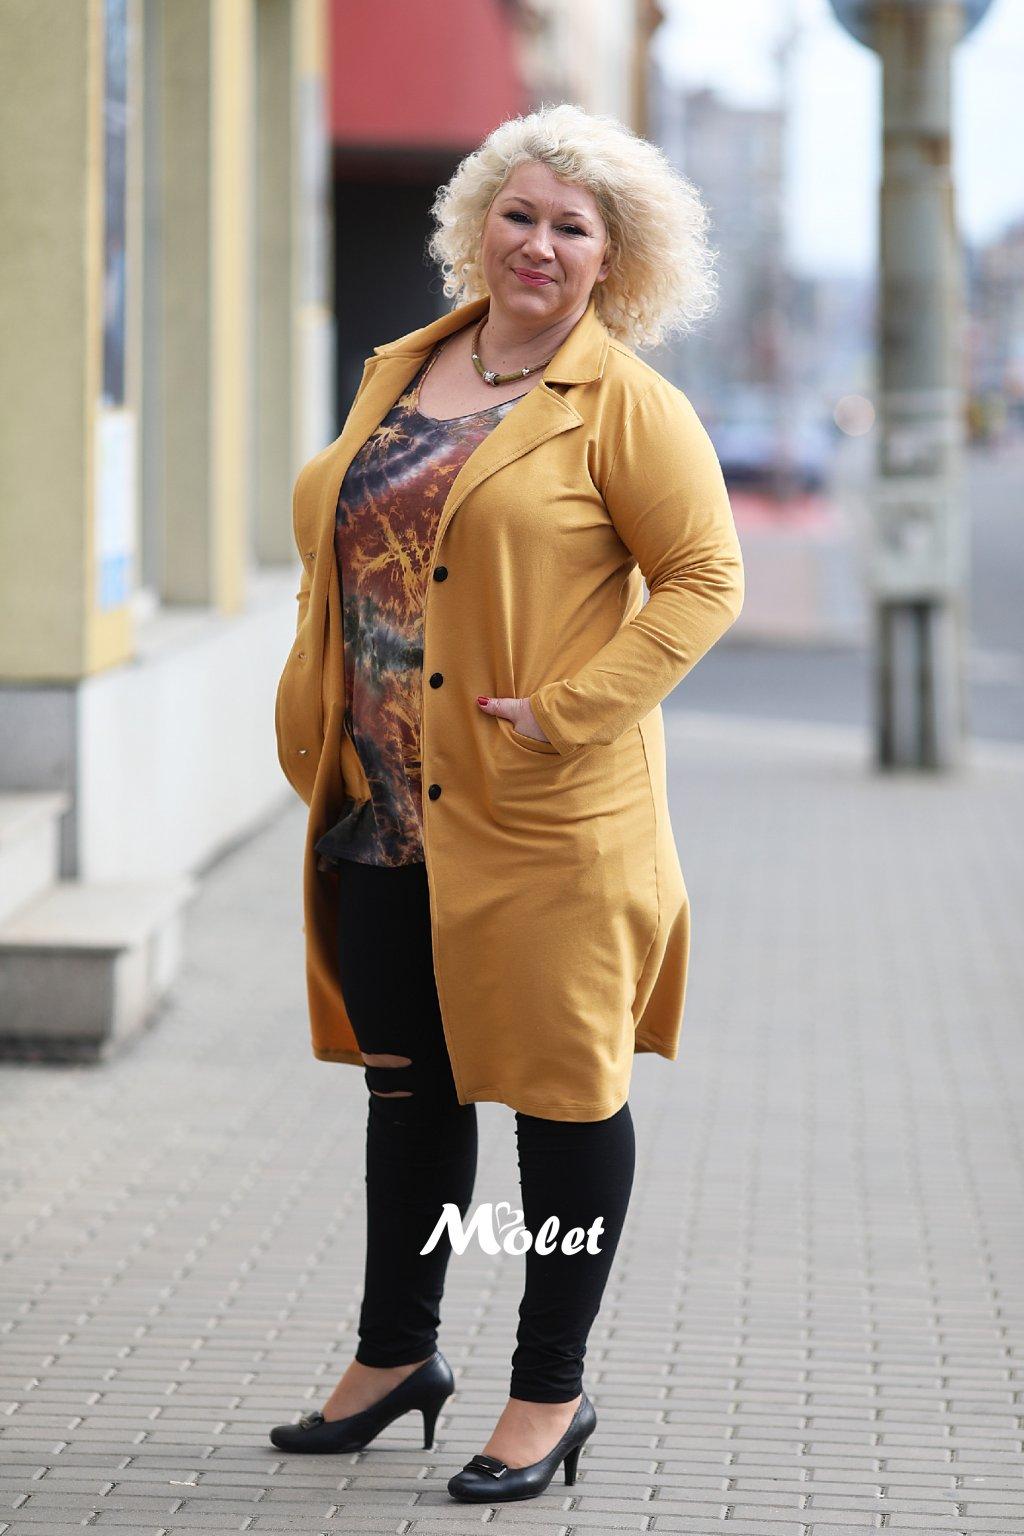 kabátek Molet.cz